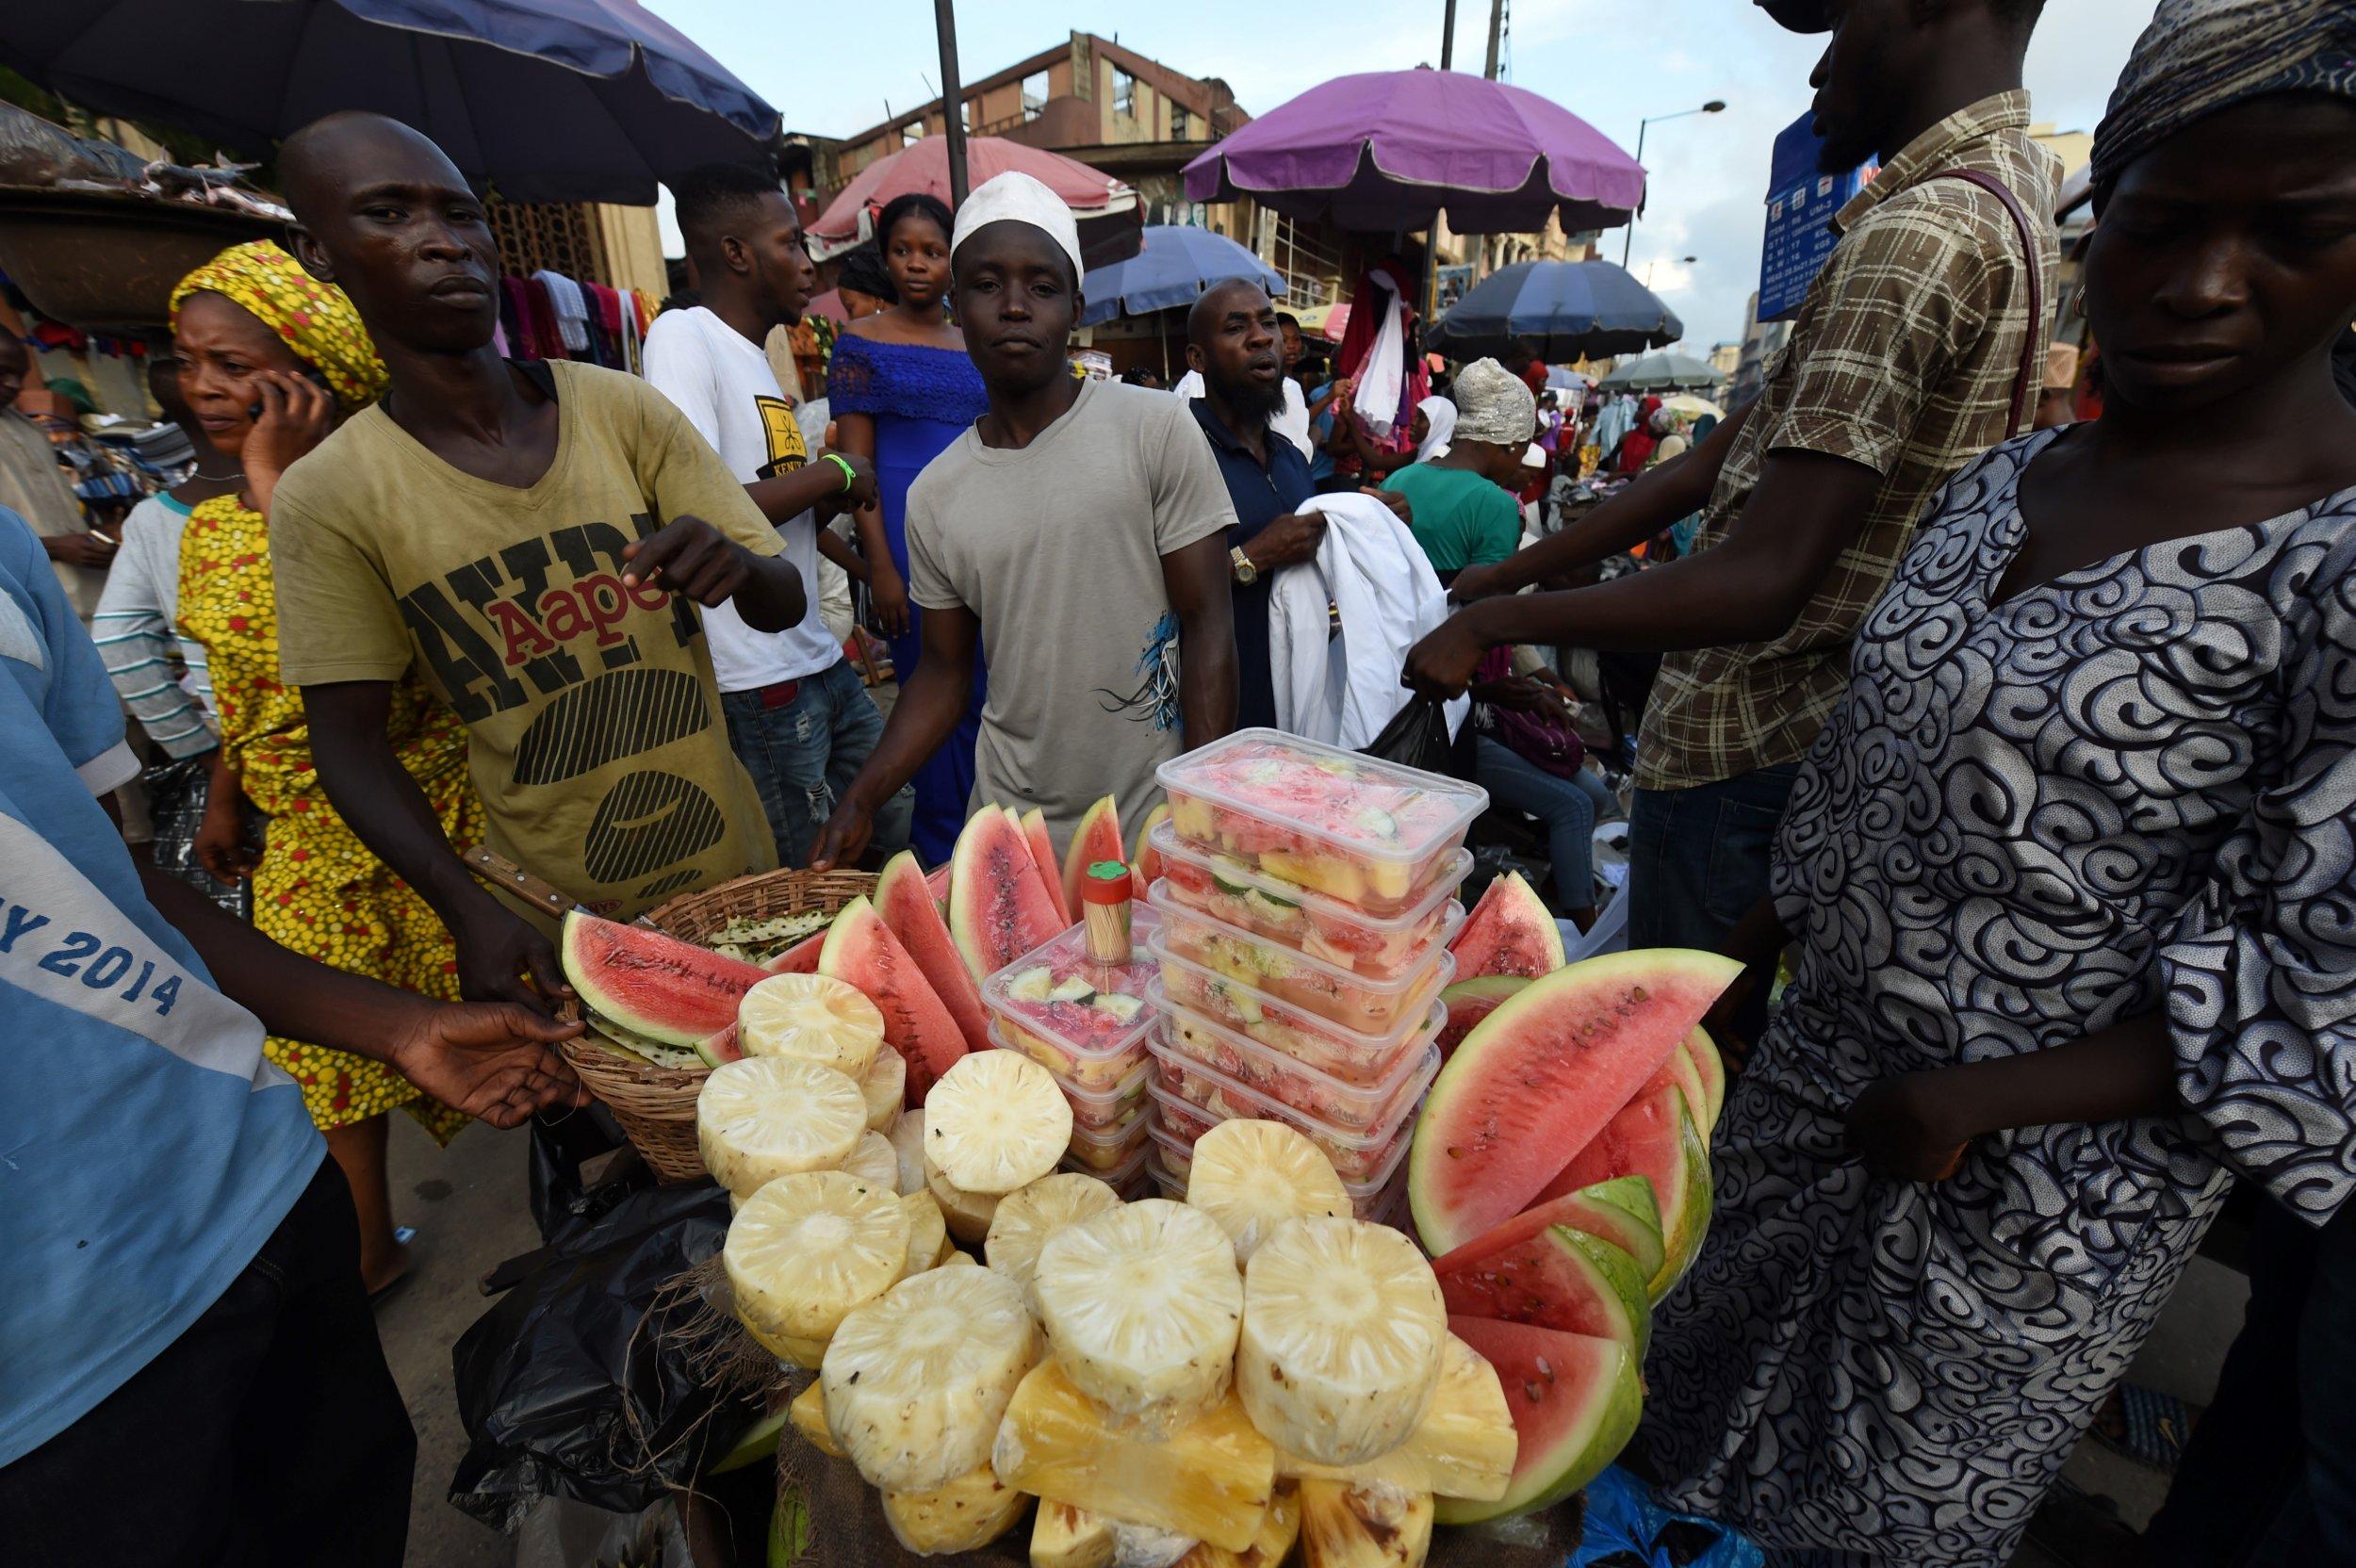 Lagos fruit vendors